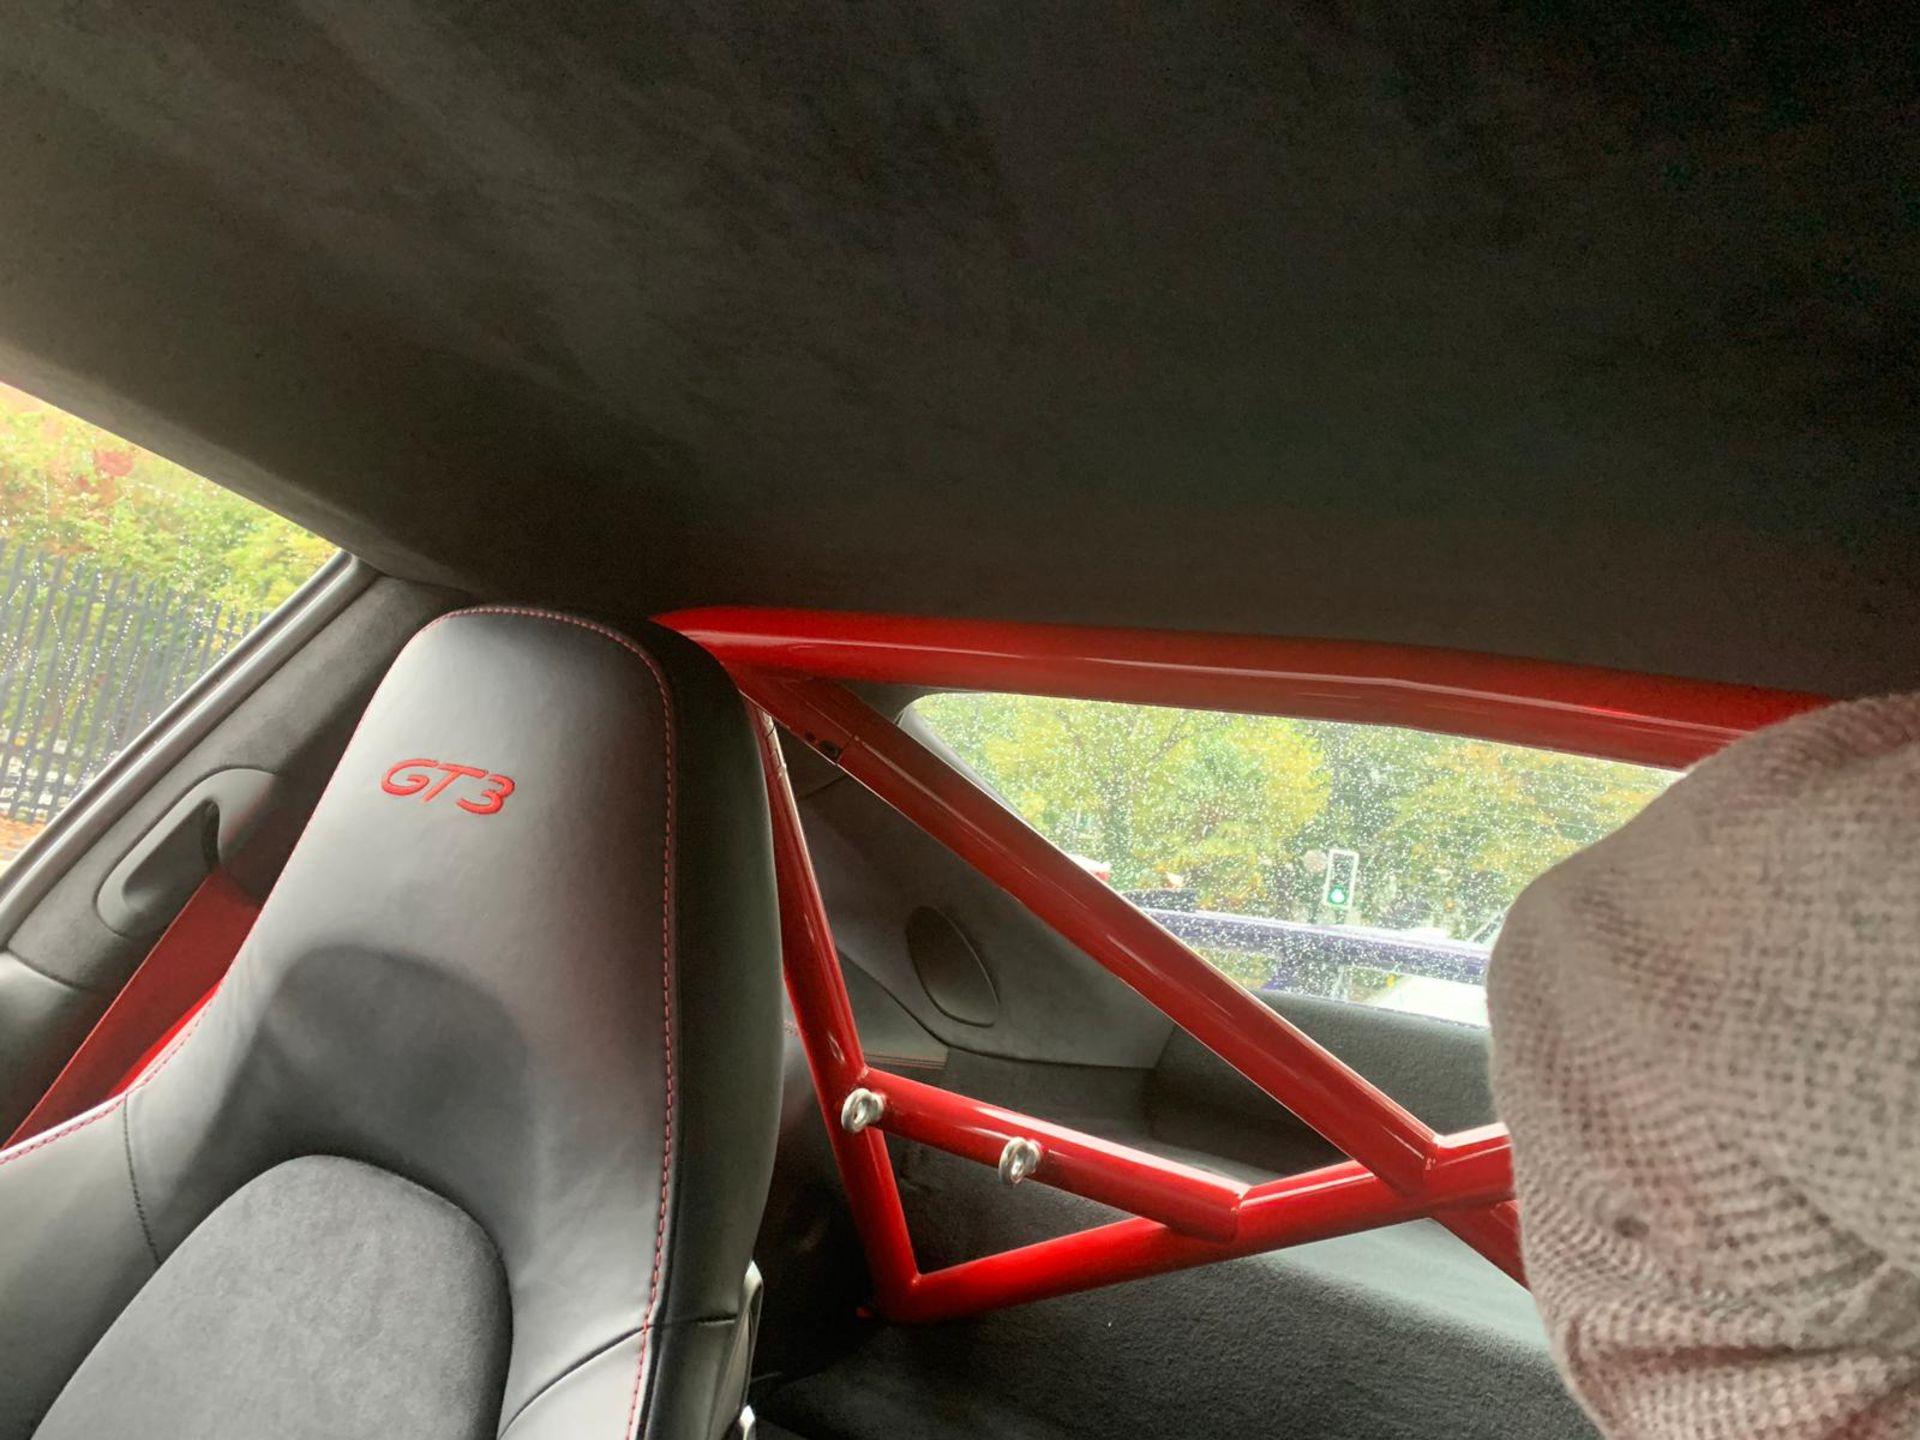 Lot 515 - 2014 PORSCHE GT3 CLUB SPORT, ROLE CAGE, CARBON PACK, RACING SEATS, PDK TRANSMISSION *PLUS VAT*